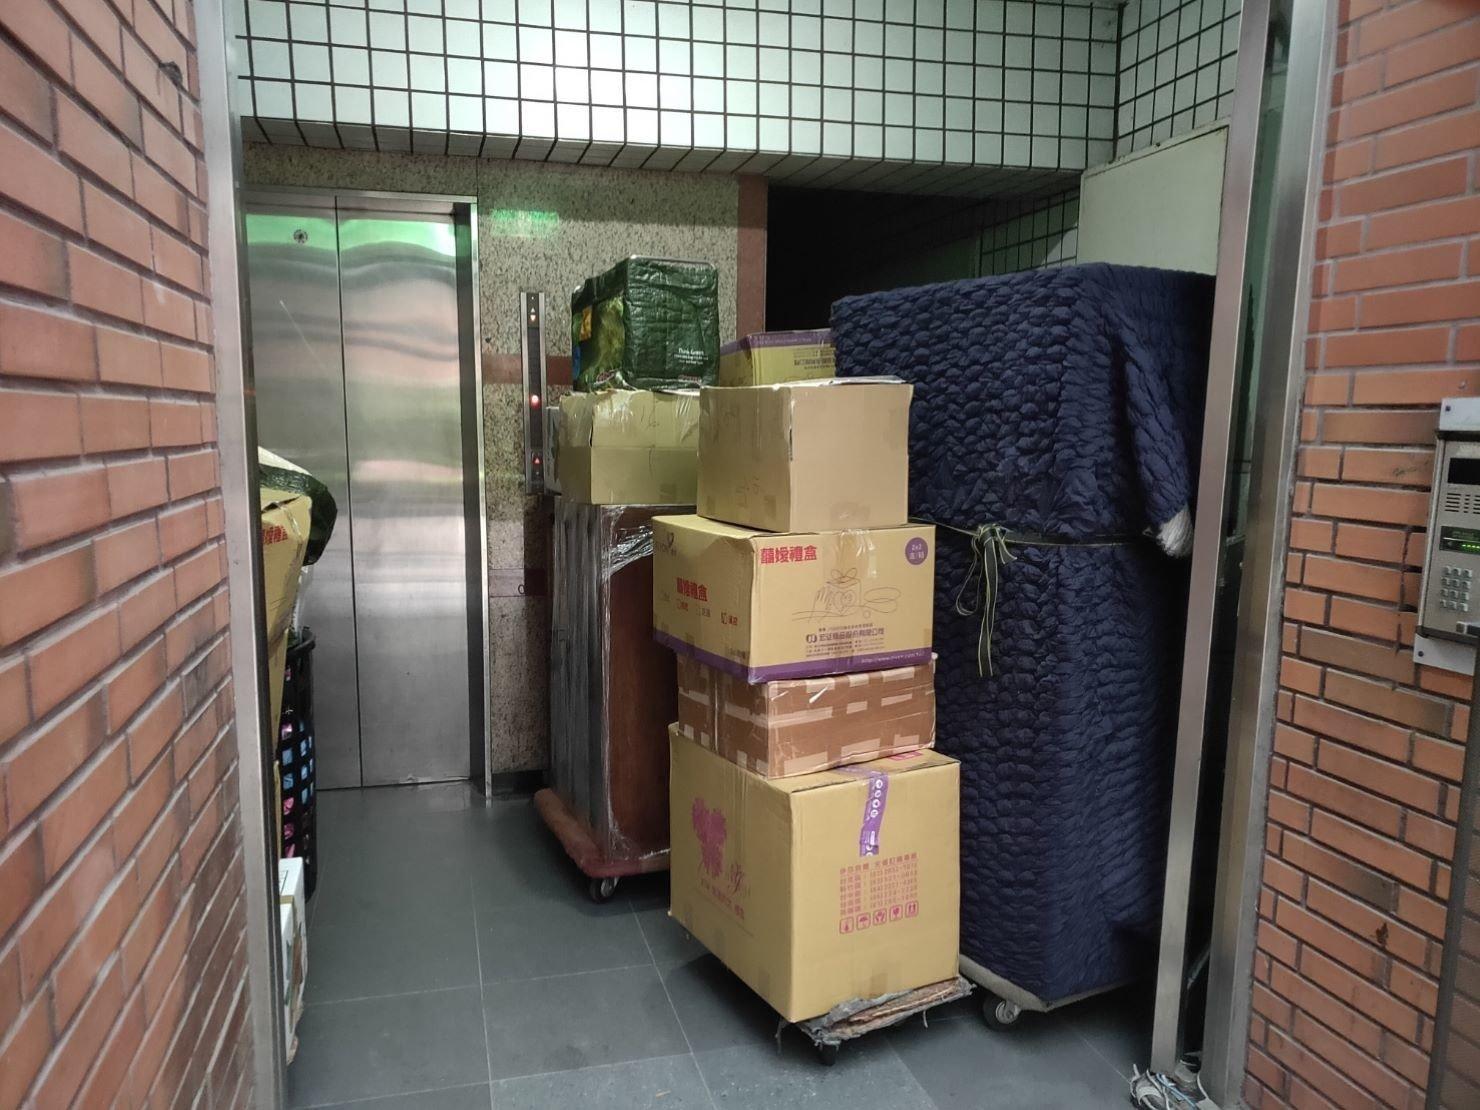 搬家公司推薦、新北搬家推薦【榮福搬家公司】南港搬家、桃園搬家公司推薦、家庭搬家、搬公司行號、台北搬家、搬鋼琴、搬工、搬家具、搬冰箱、搬床墊、搬衣櫃,針對顧客都秉持以用心實在專業搬家技巧,搬家實在用心值得您的信賴與選擇。歡迎來電咨詢02-2651-2727,榮福搬家有專員立即為您服務。